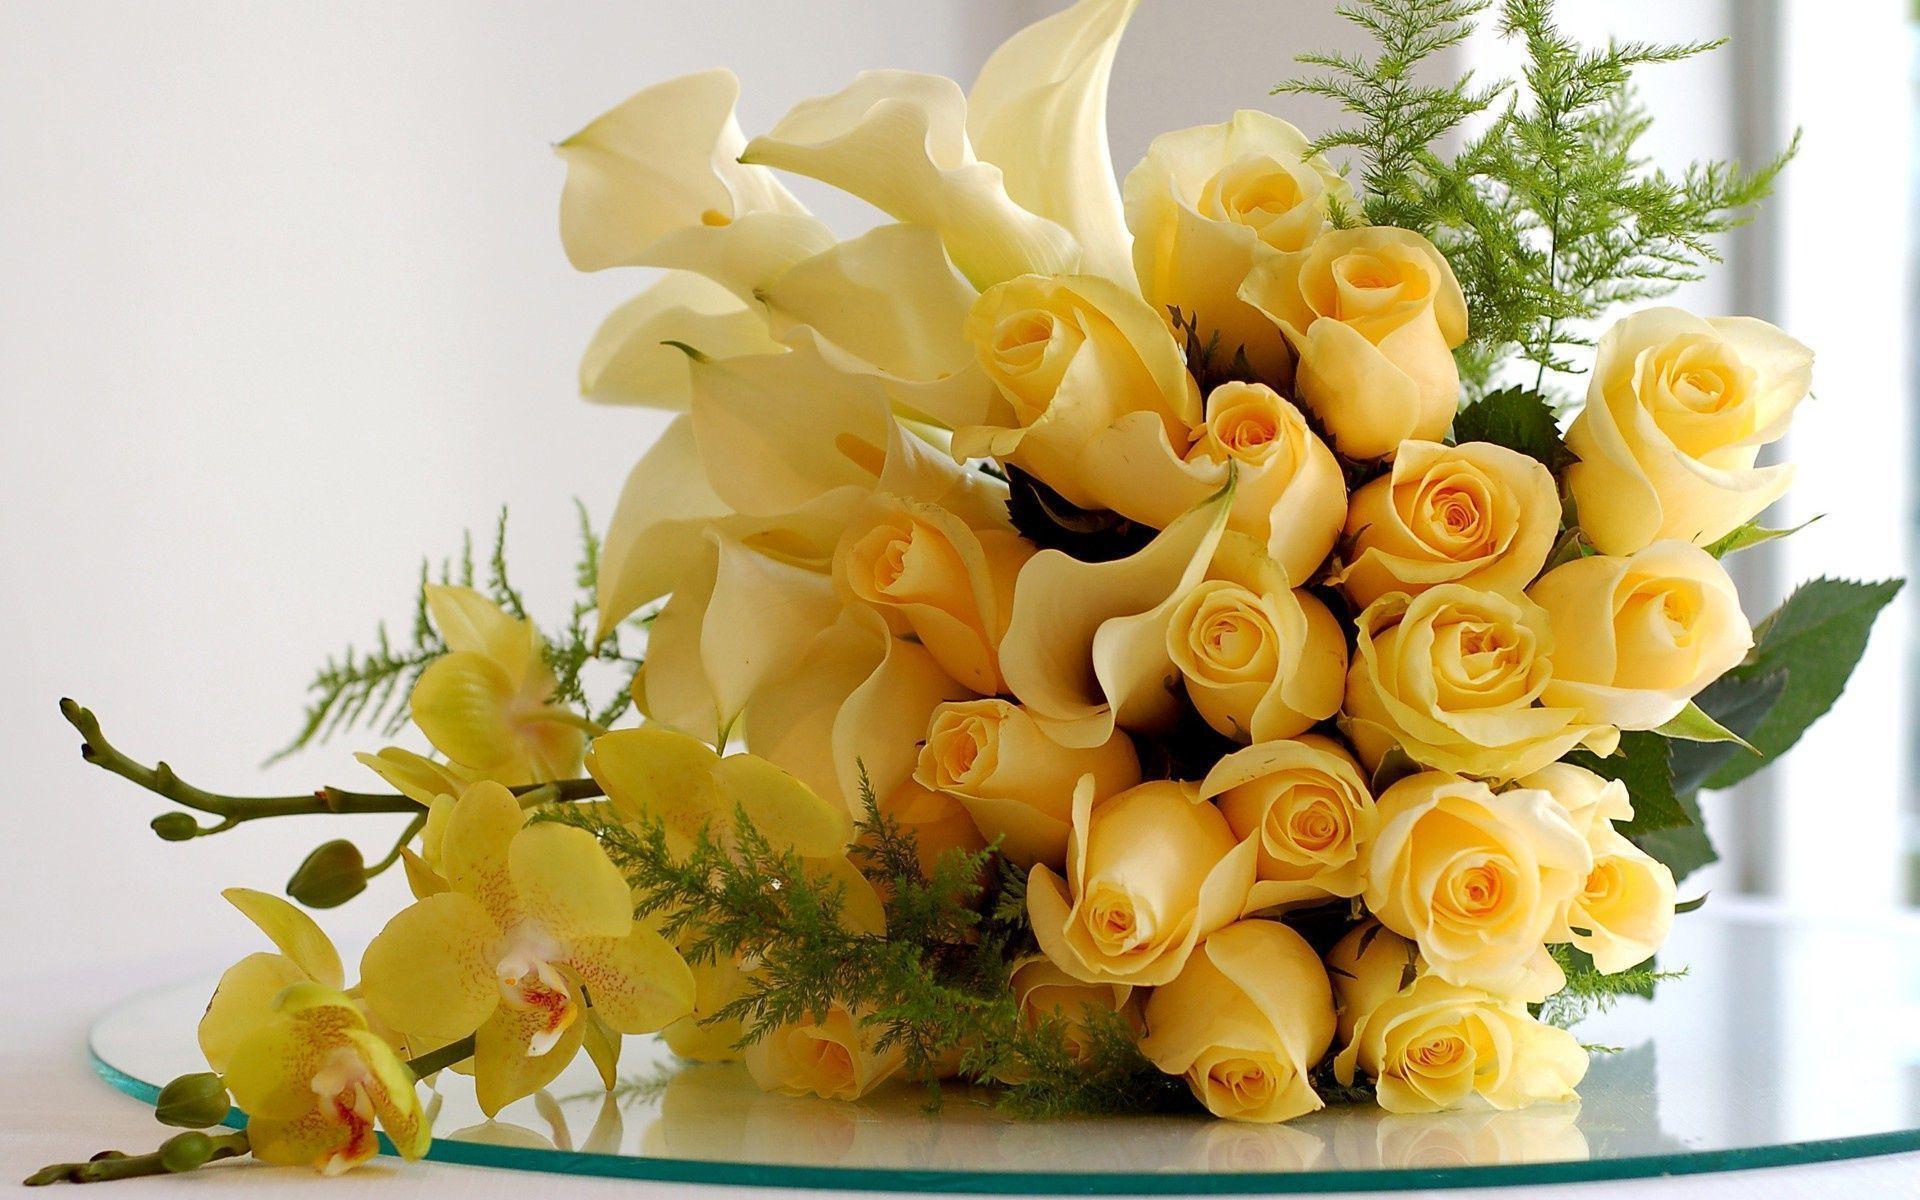 xem ảnh hoa hồng vàng